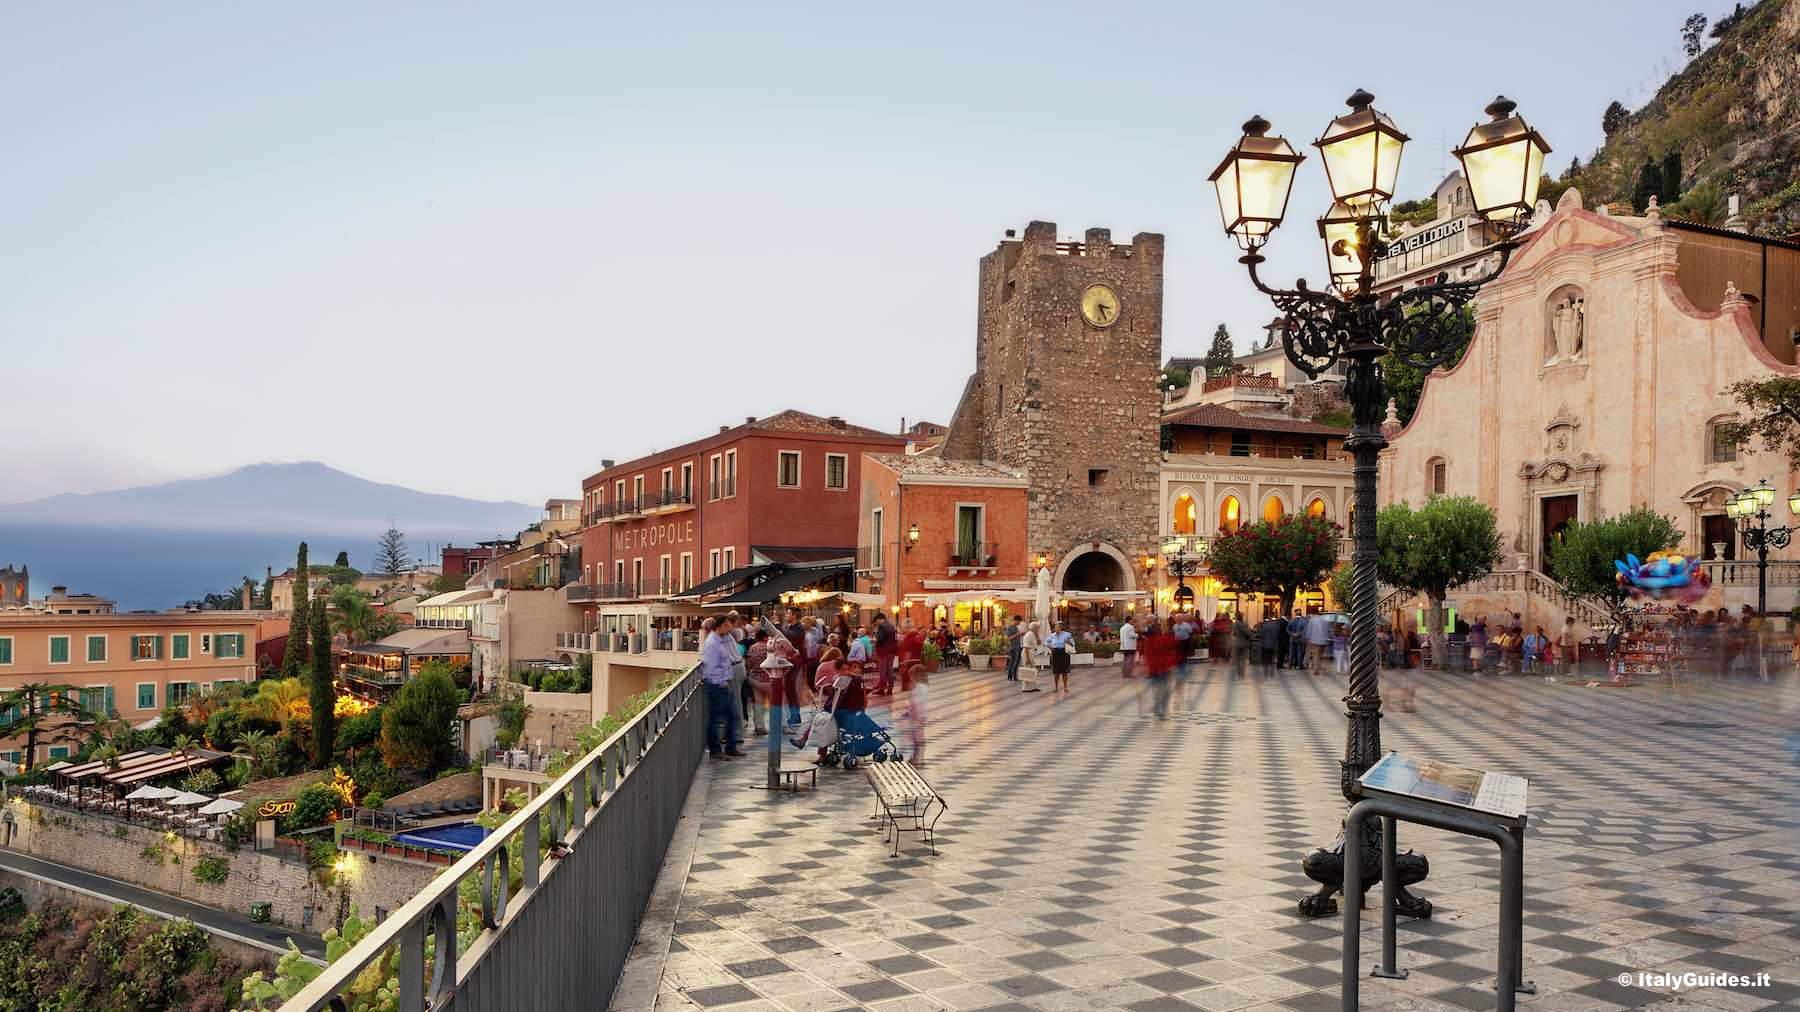 Αποτέλεσμα εικόνας για Taormina